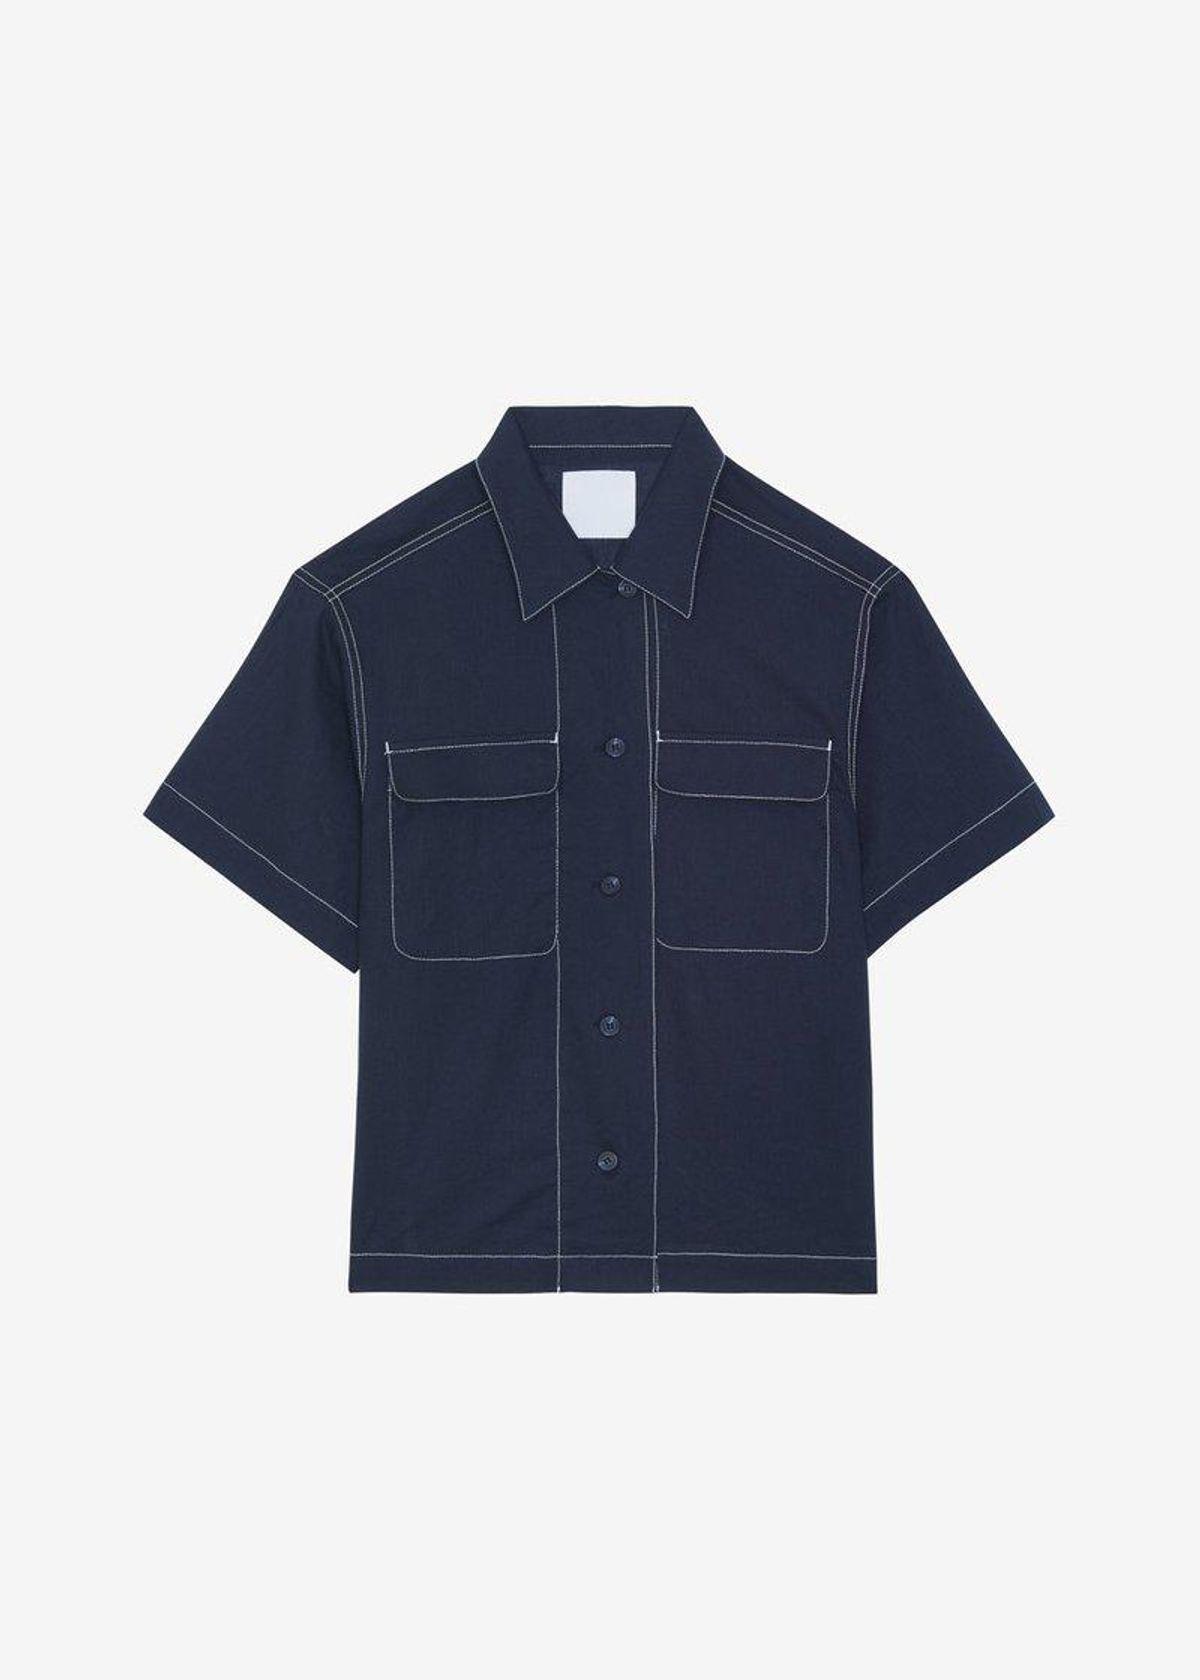 Comparo Shirt